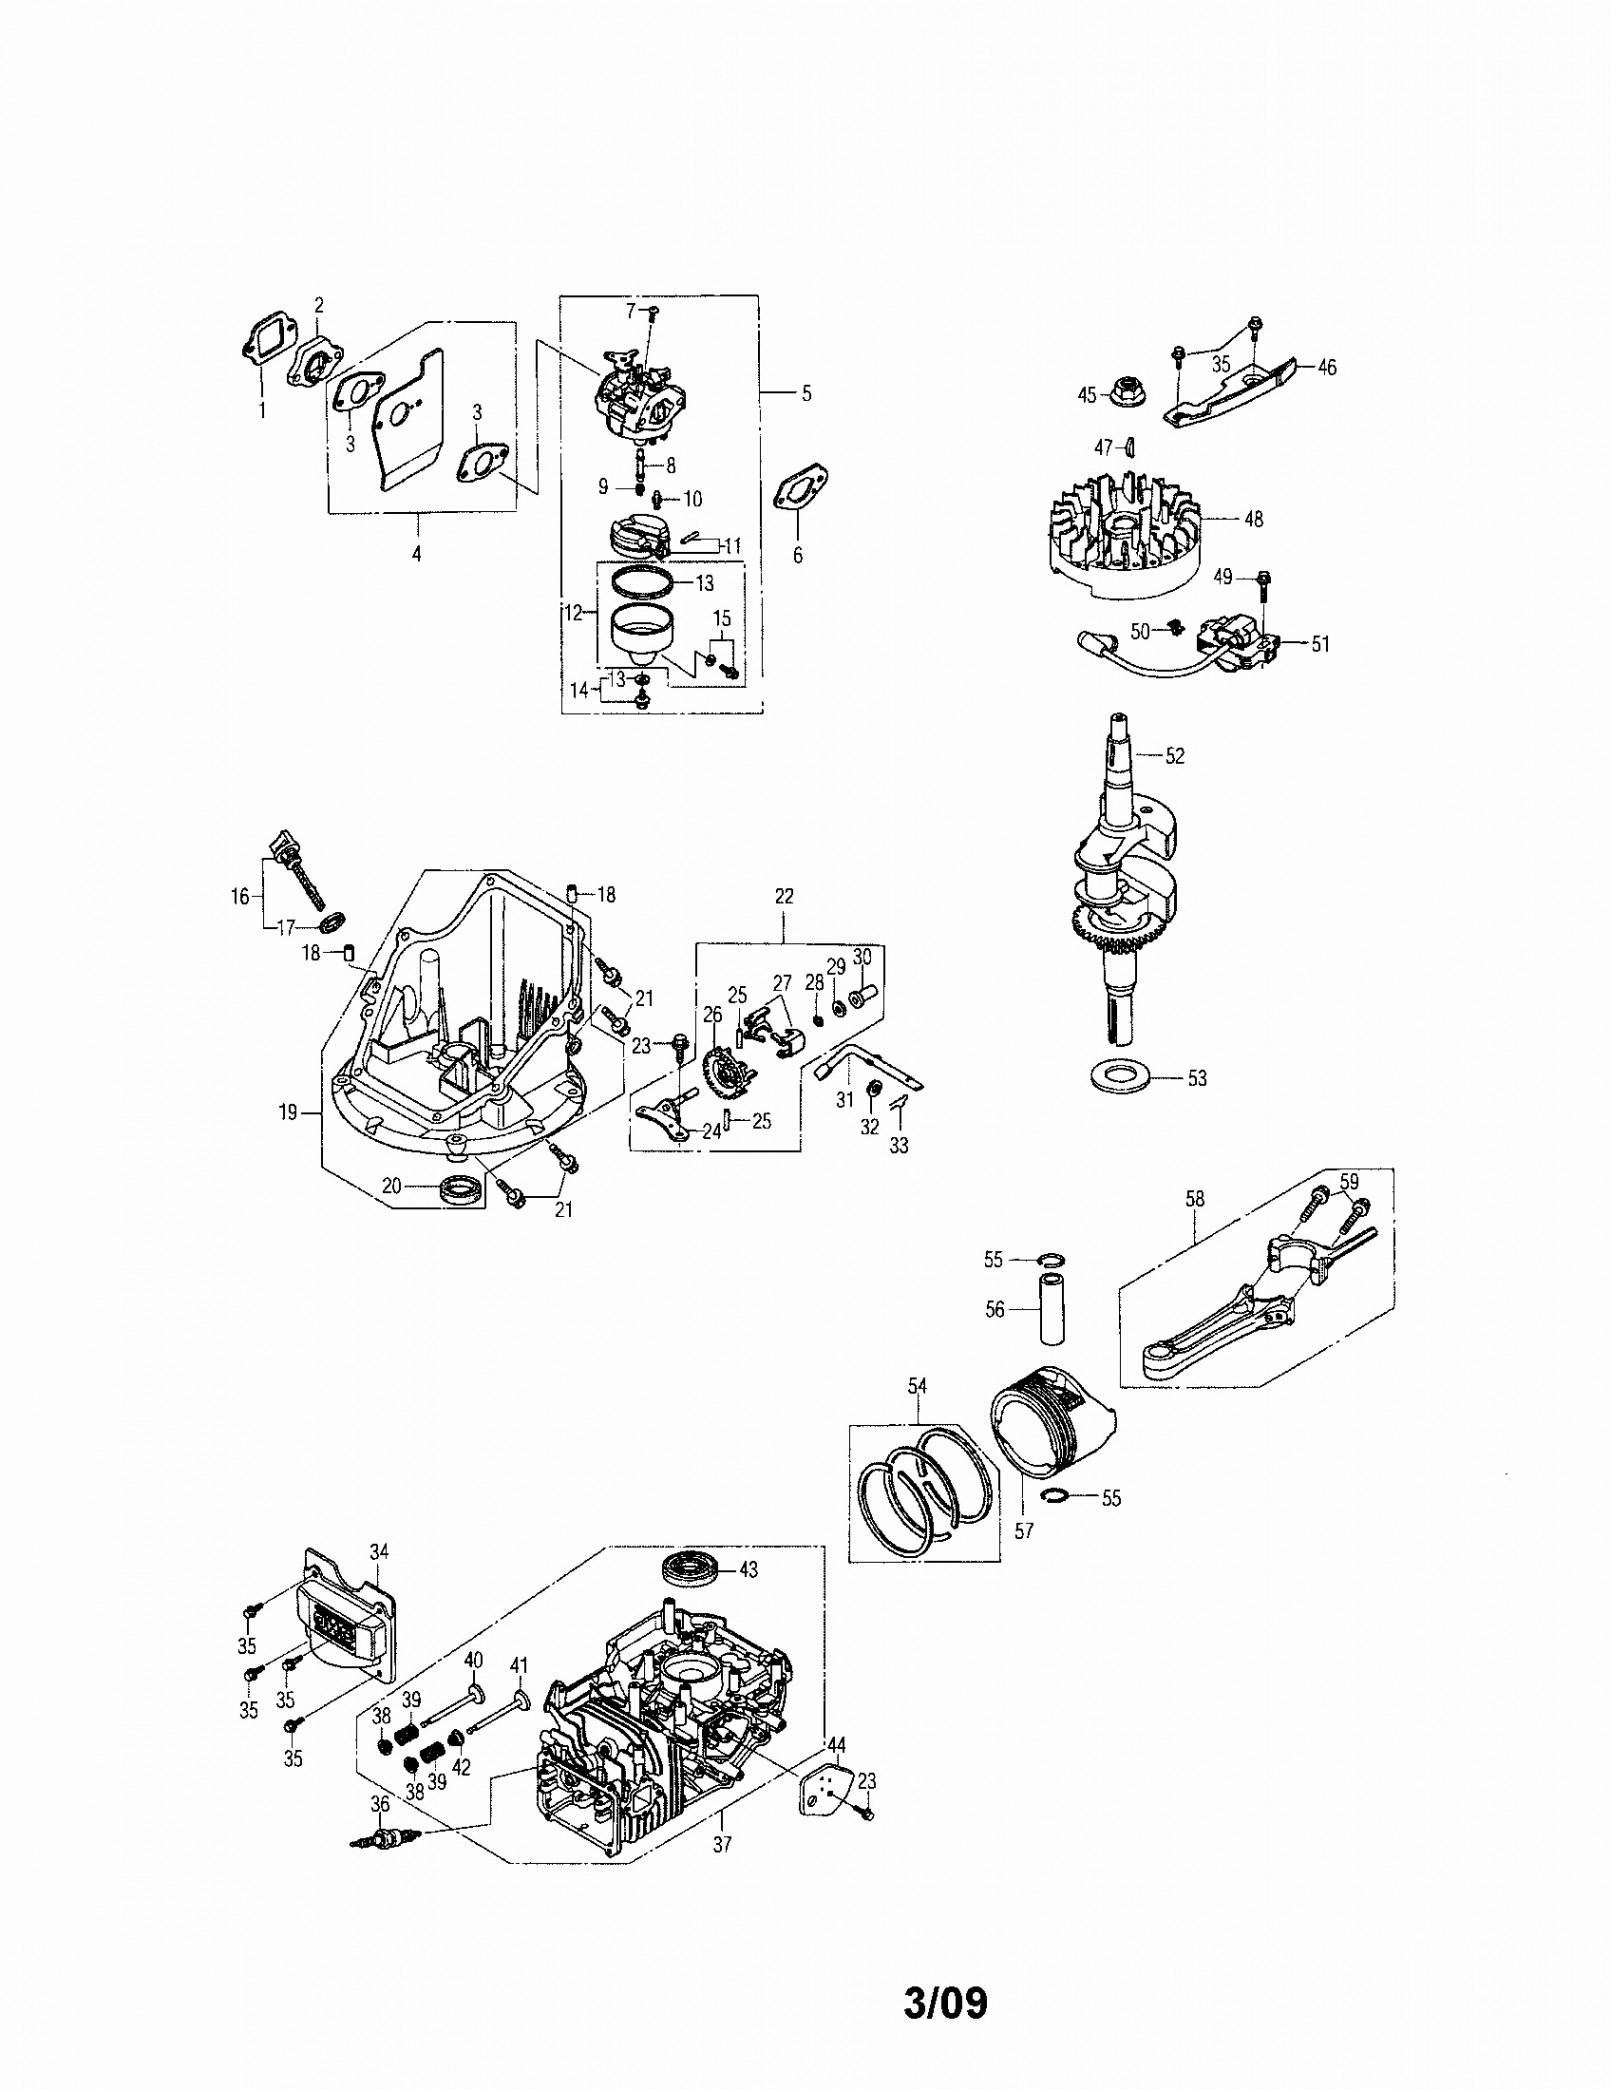 Honda Small Engine Carburetor Diagram Honda Gcv160 Carburetor Diagram – 917 Craftsman 17 Hp 42 Inch Mower Of Honda Small Engine Carburetor Diagram